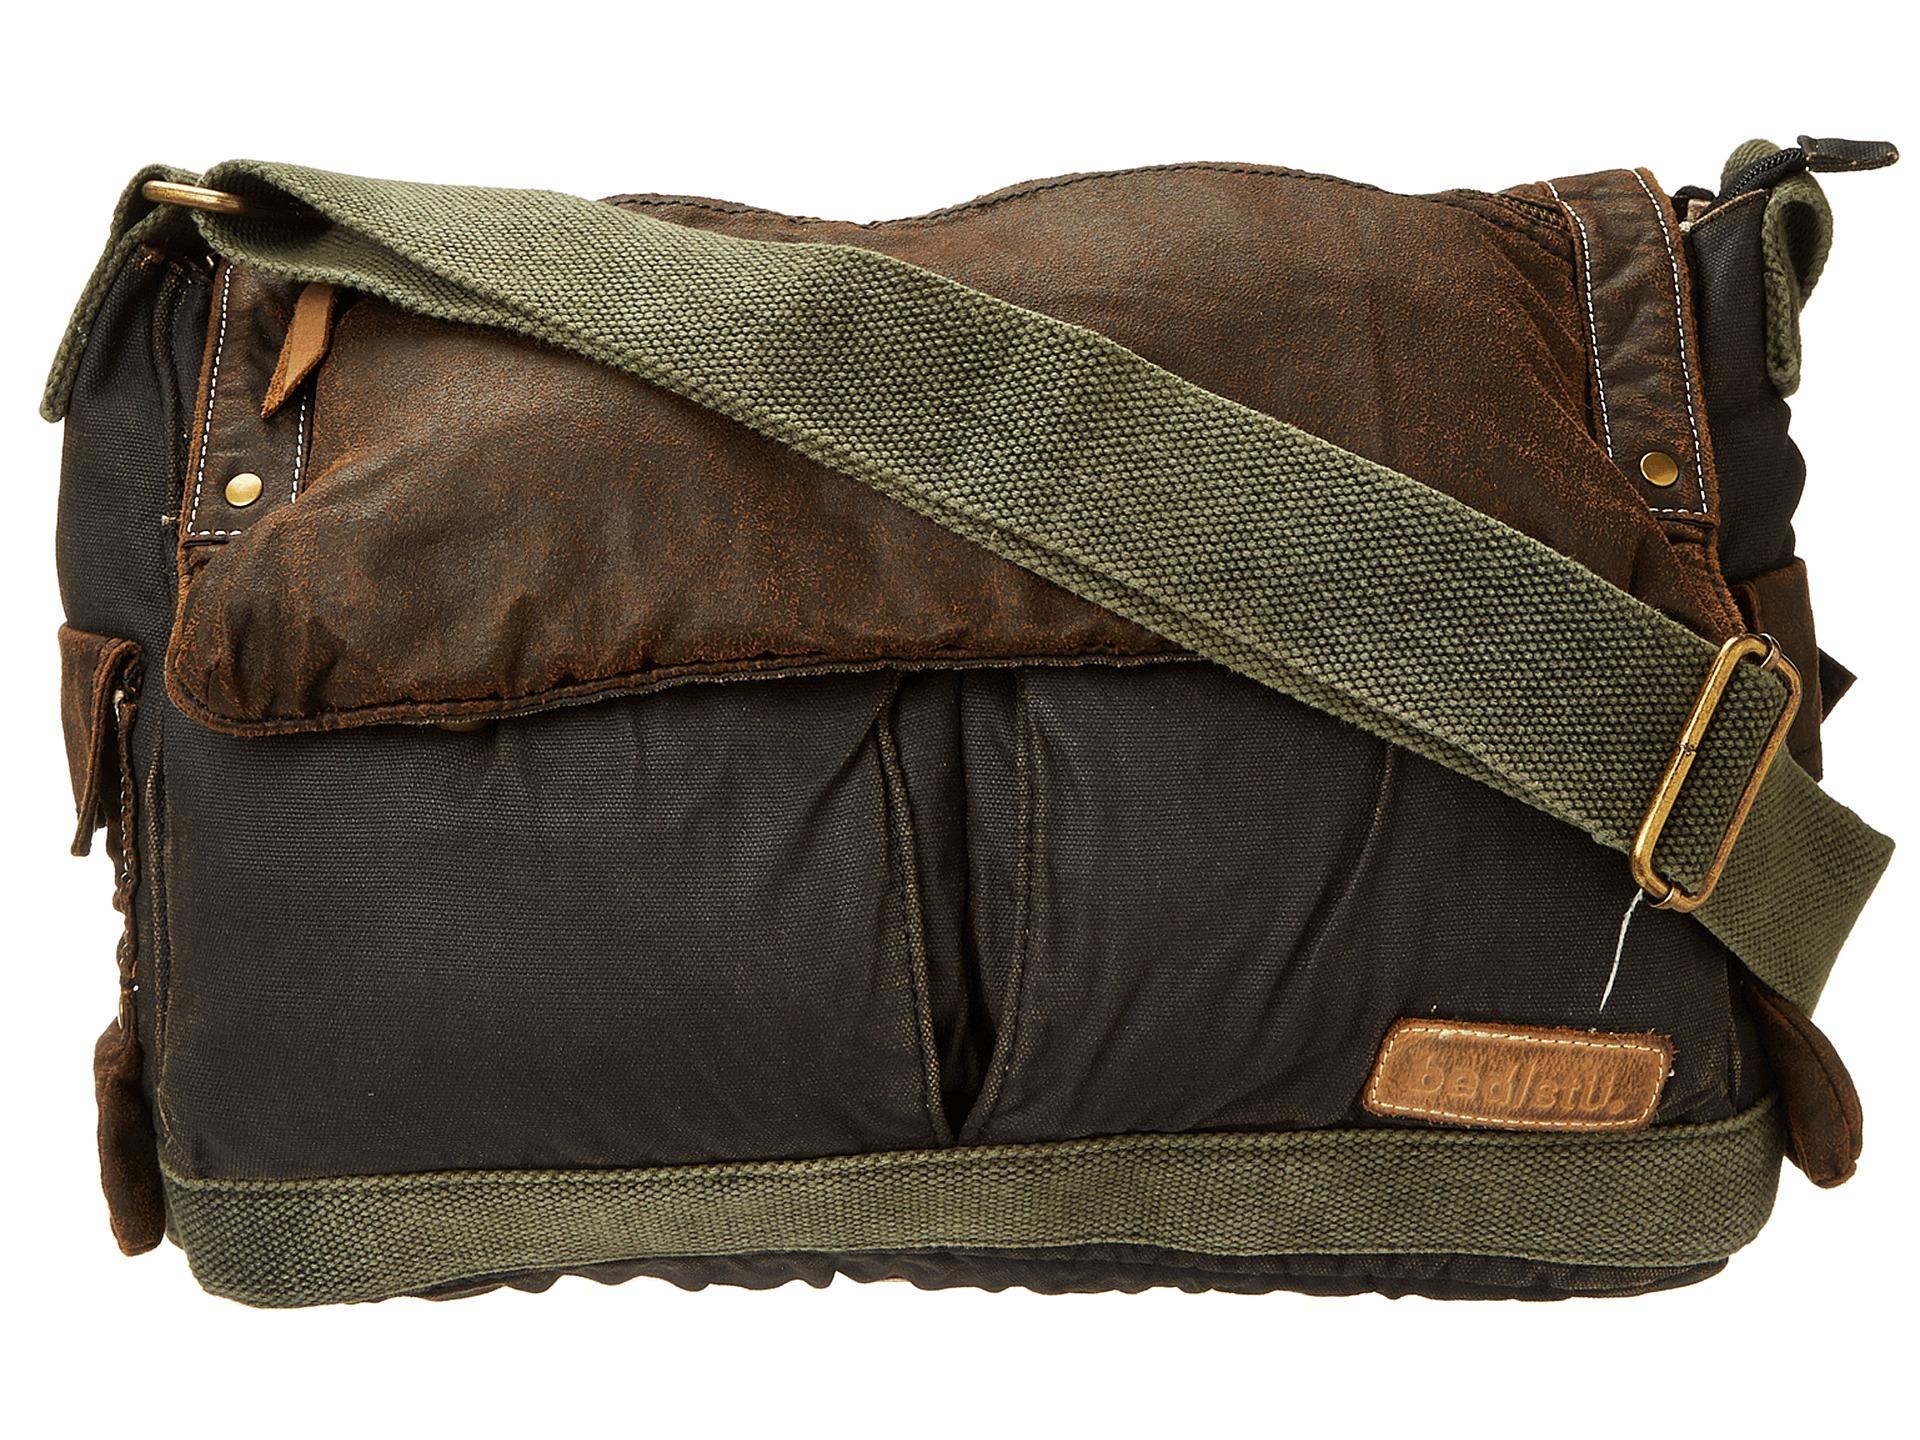 bed stu hawkeye messenger bag in brown for men lyst. Black Bedroom Furniture Sets. Home Design Ideas